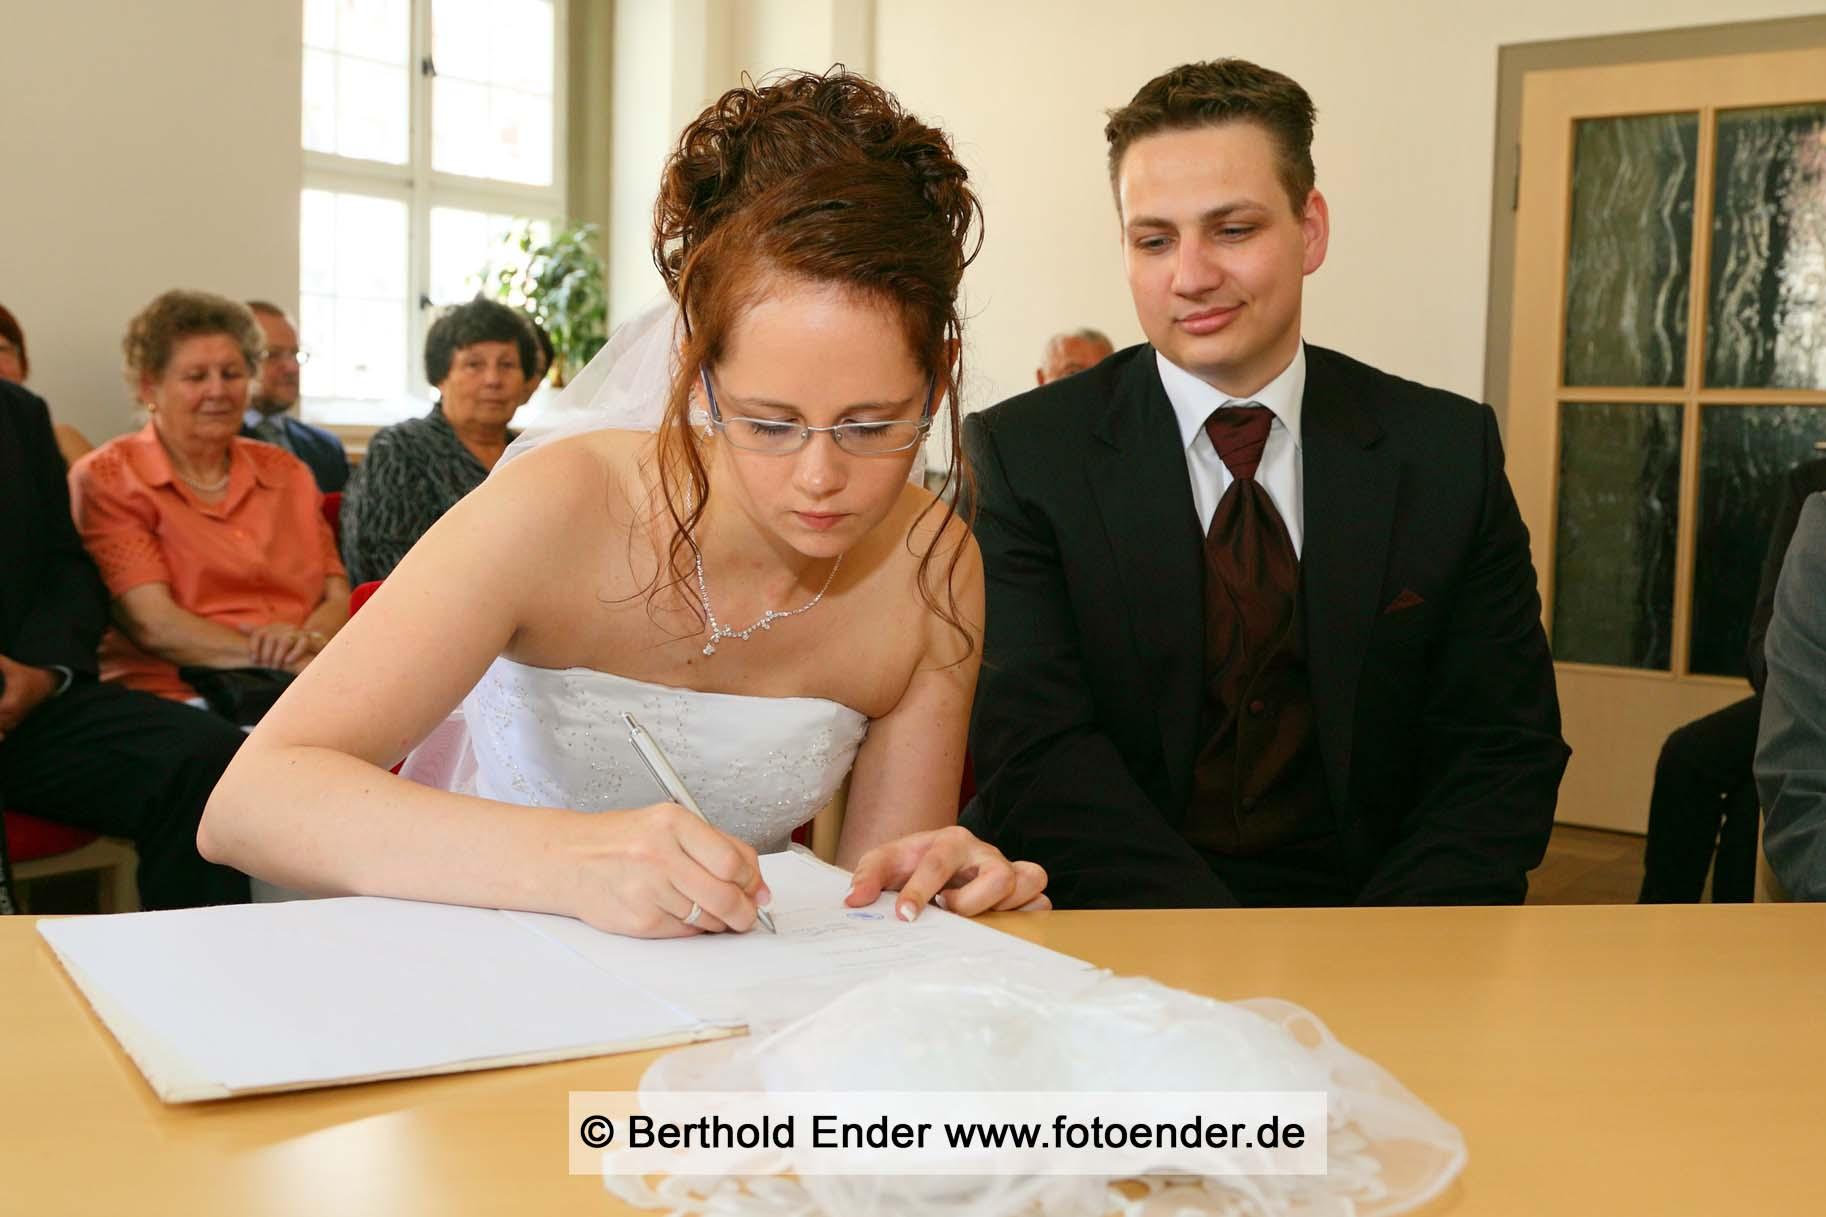 Standesamt Lutherstadt Wittenberg: Fotostudio Ender